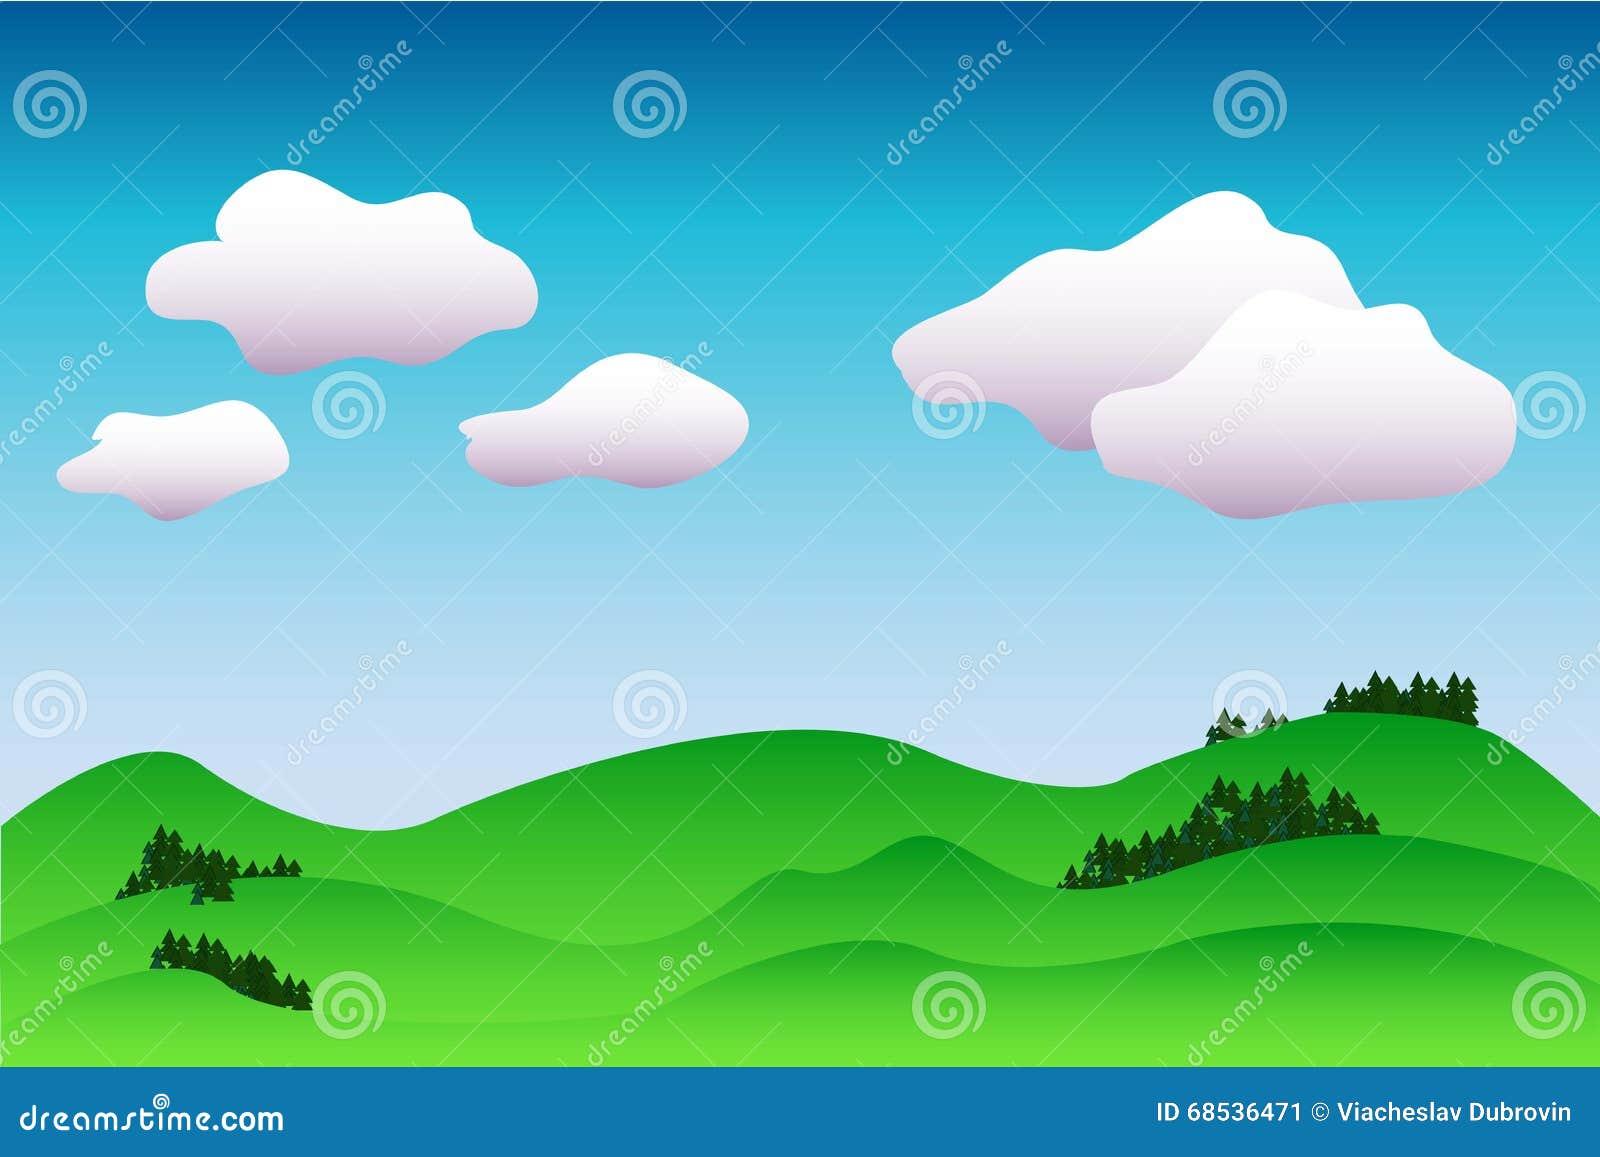 Fondo idílico colorido del paisaje en el ejemplo azul y verde, pacífico con el lugar para el texto